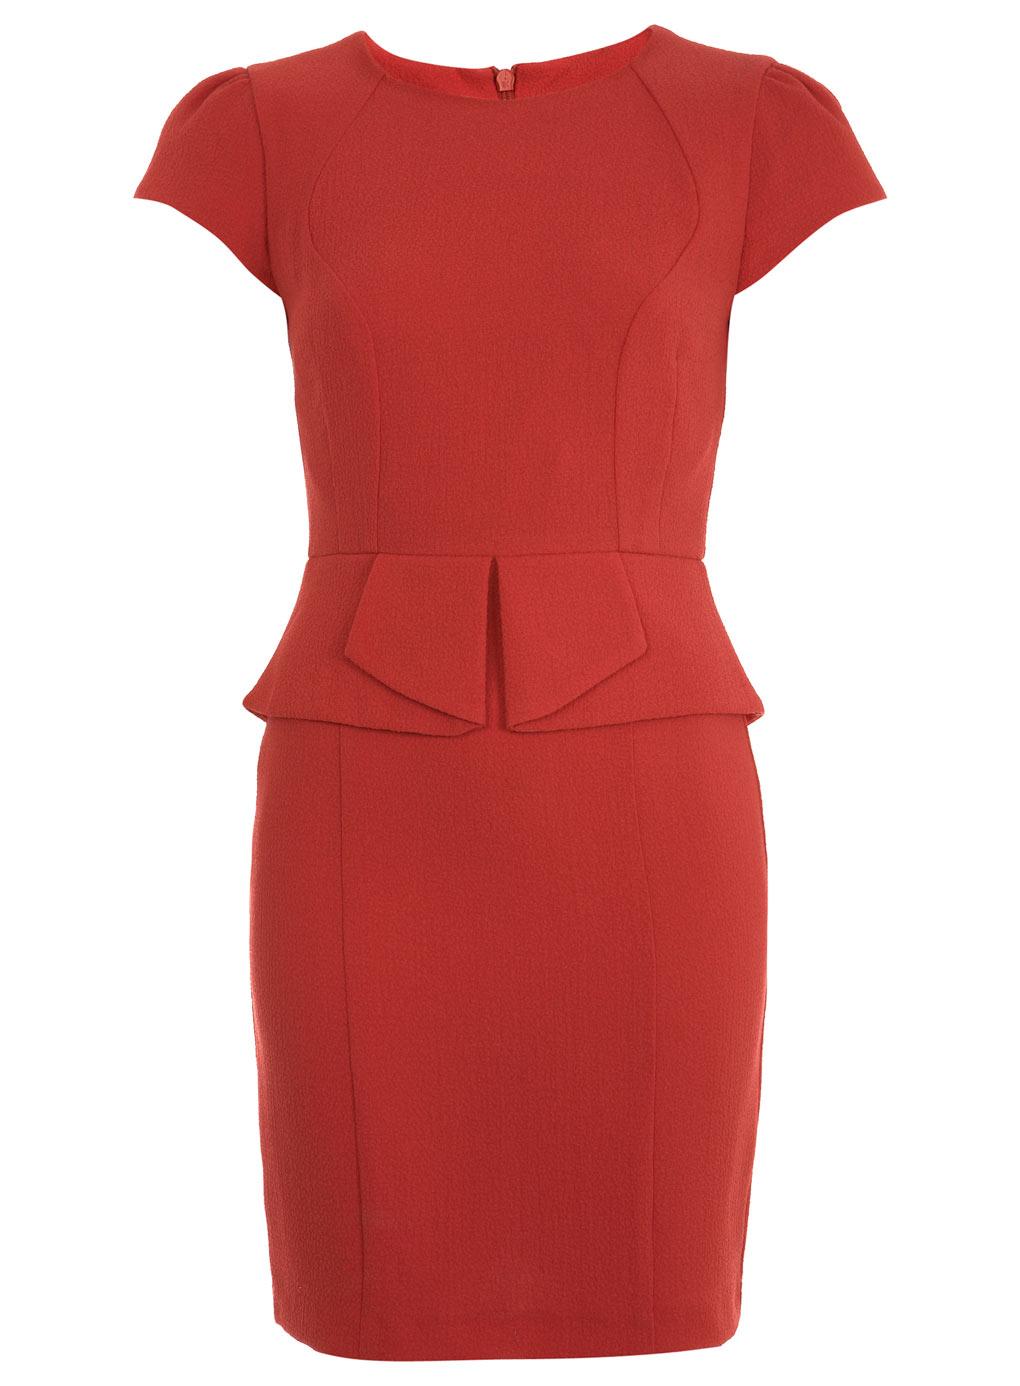 Product Features Drop shoulders, peplum skirt Full length evening dress, back zipper.